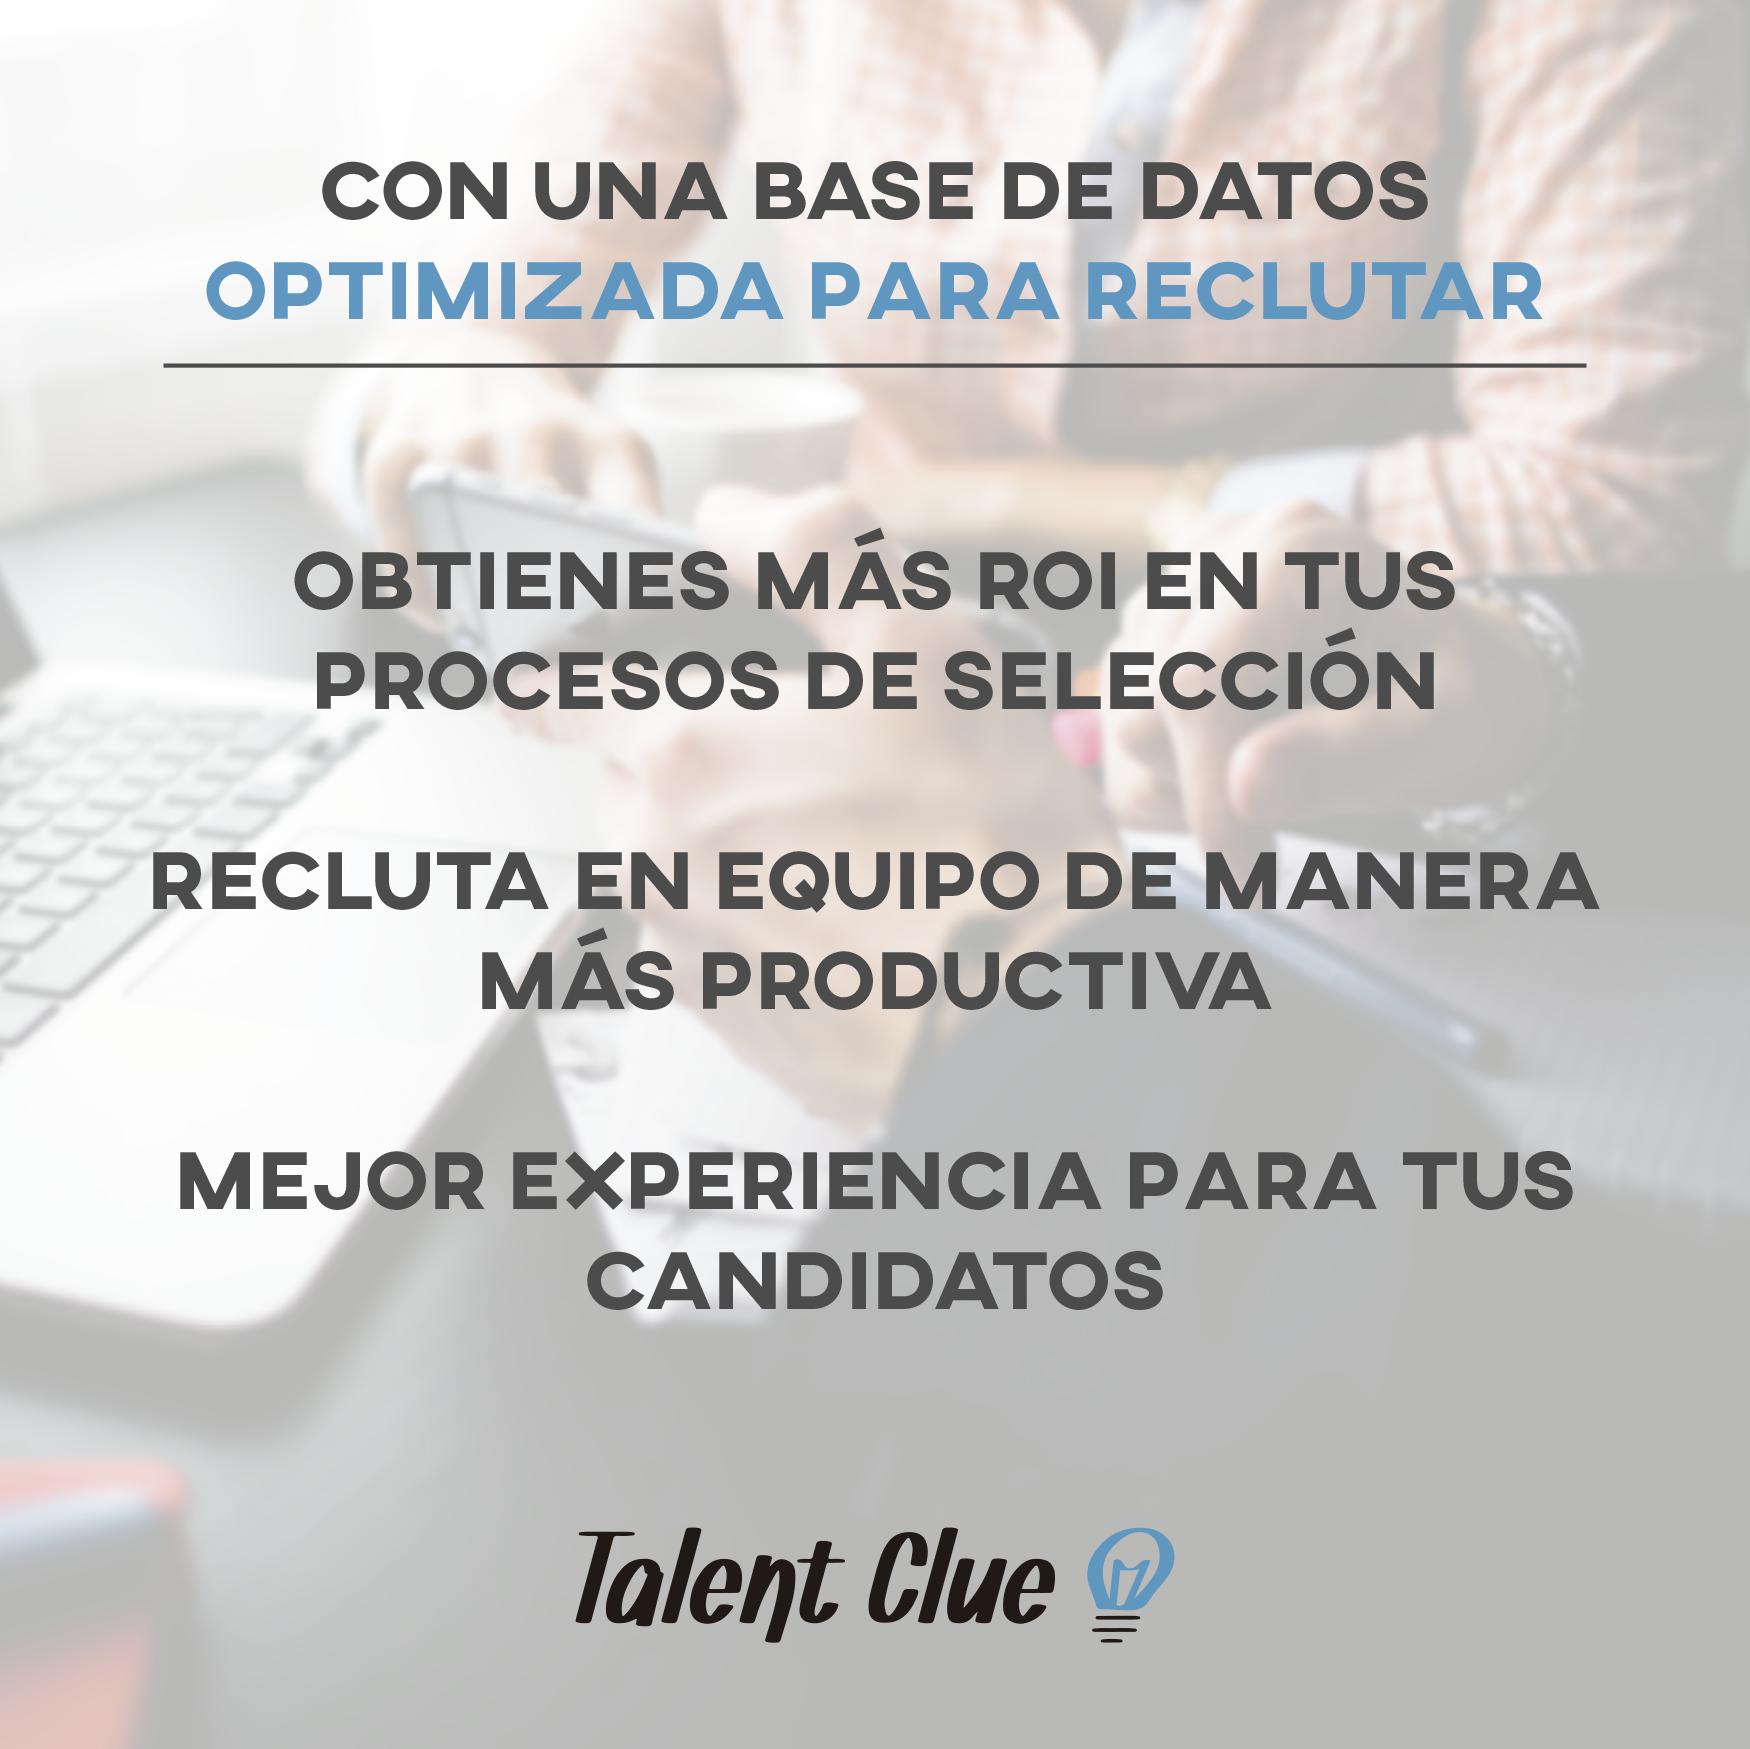 Con_una_Base_de_Datos_optimizada_para_reclutar.png